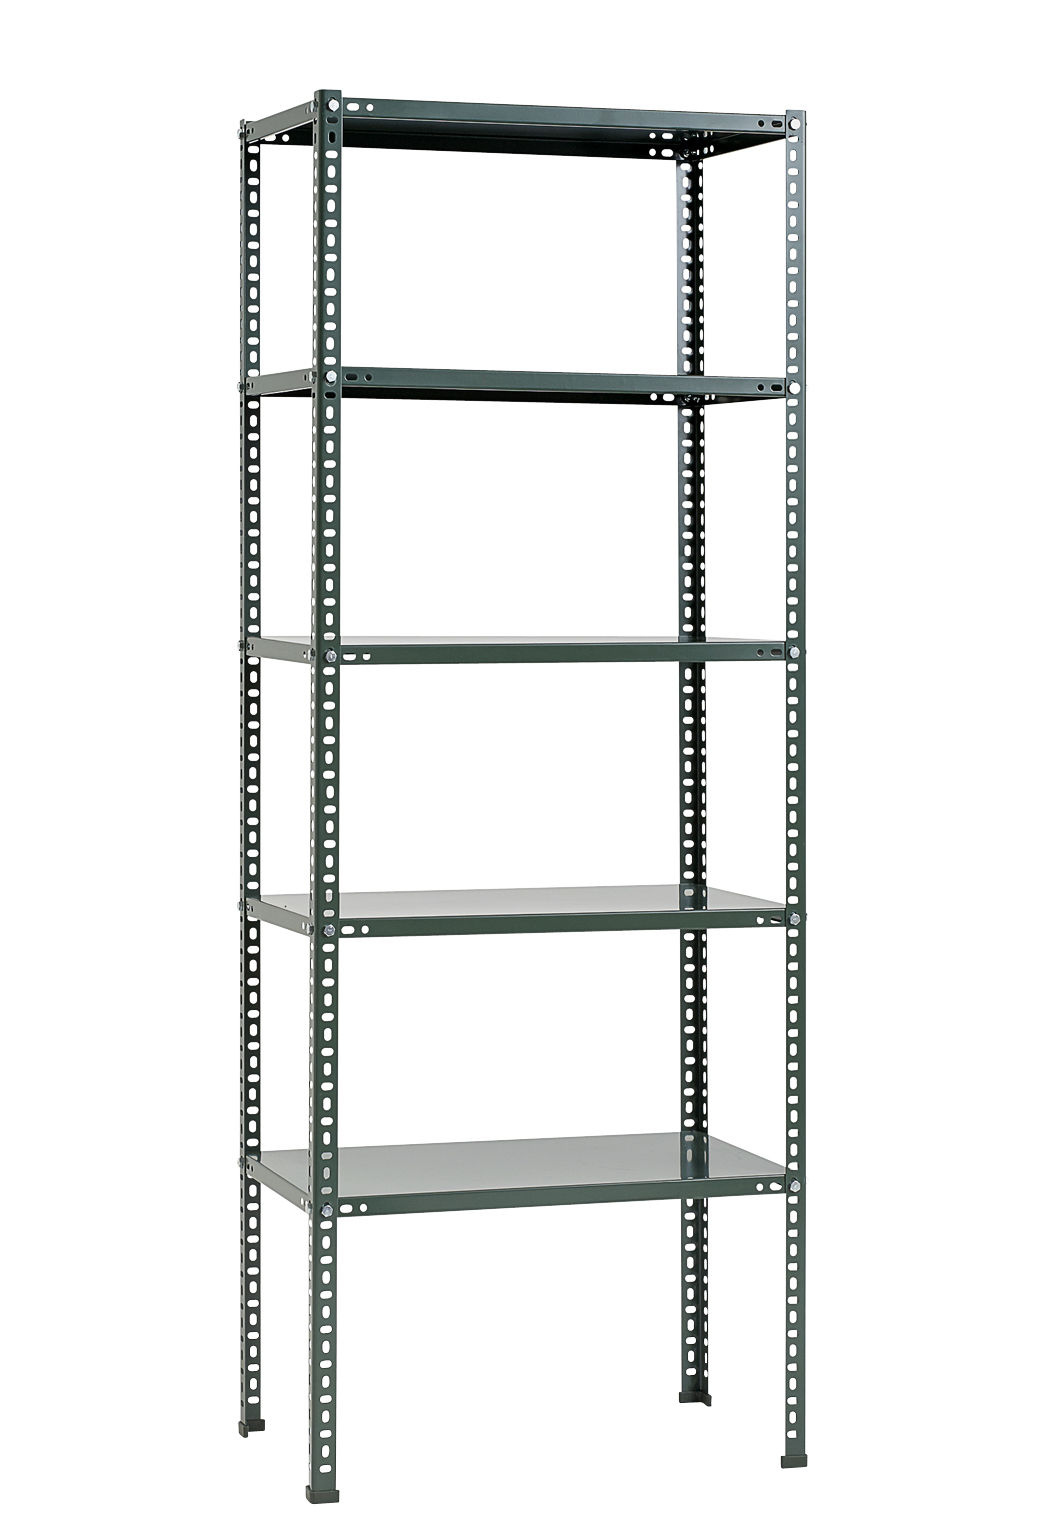 Arredamento - Scaffali e librerie - Scaffale Shelving Unit - / L 75 x H 200 cm - Metallo di Hay - Verde - Acier laqué époxy